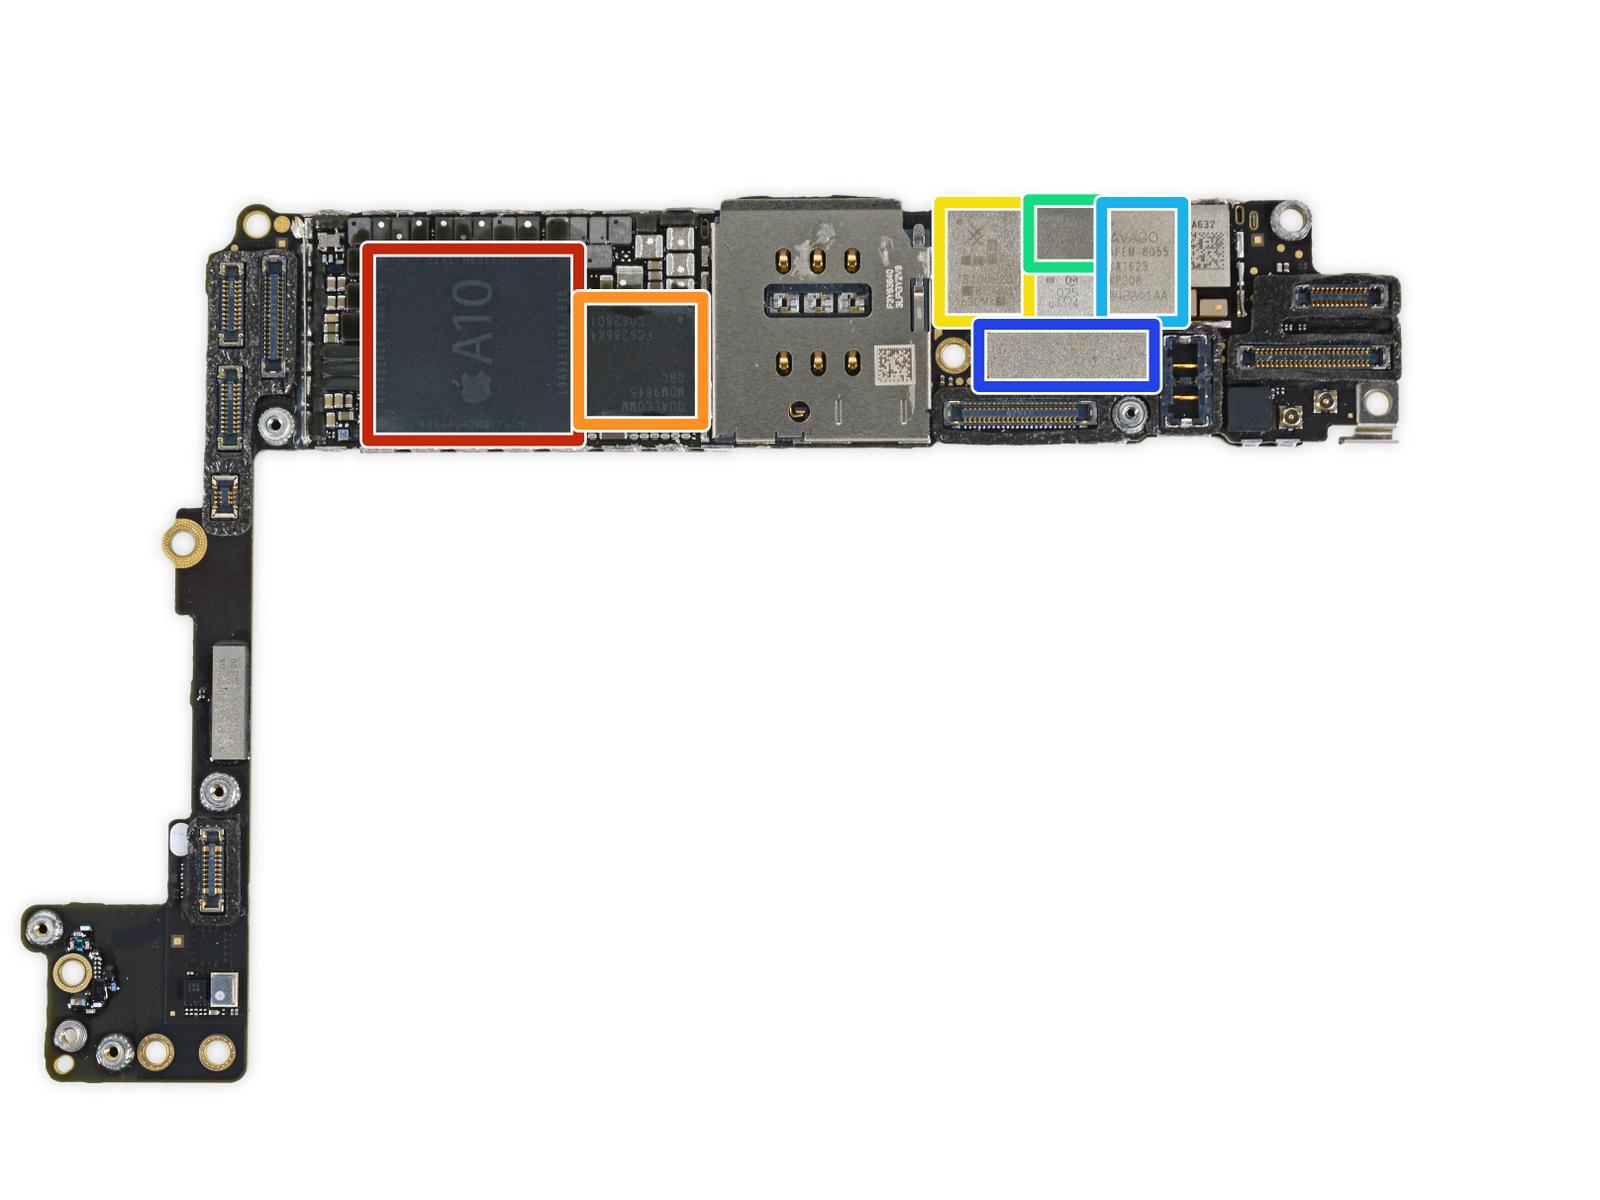 Placa base del iPhone 7 Plus